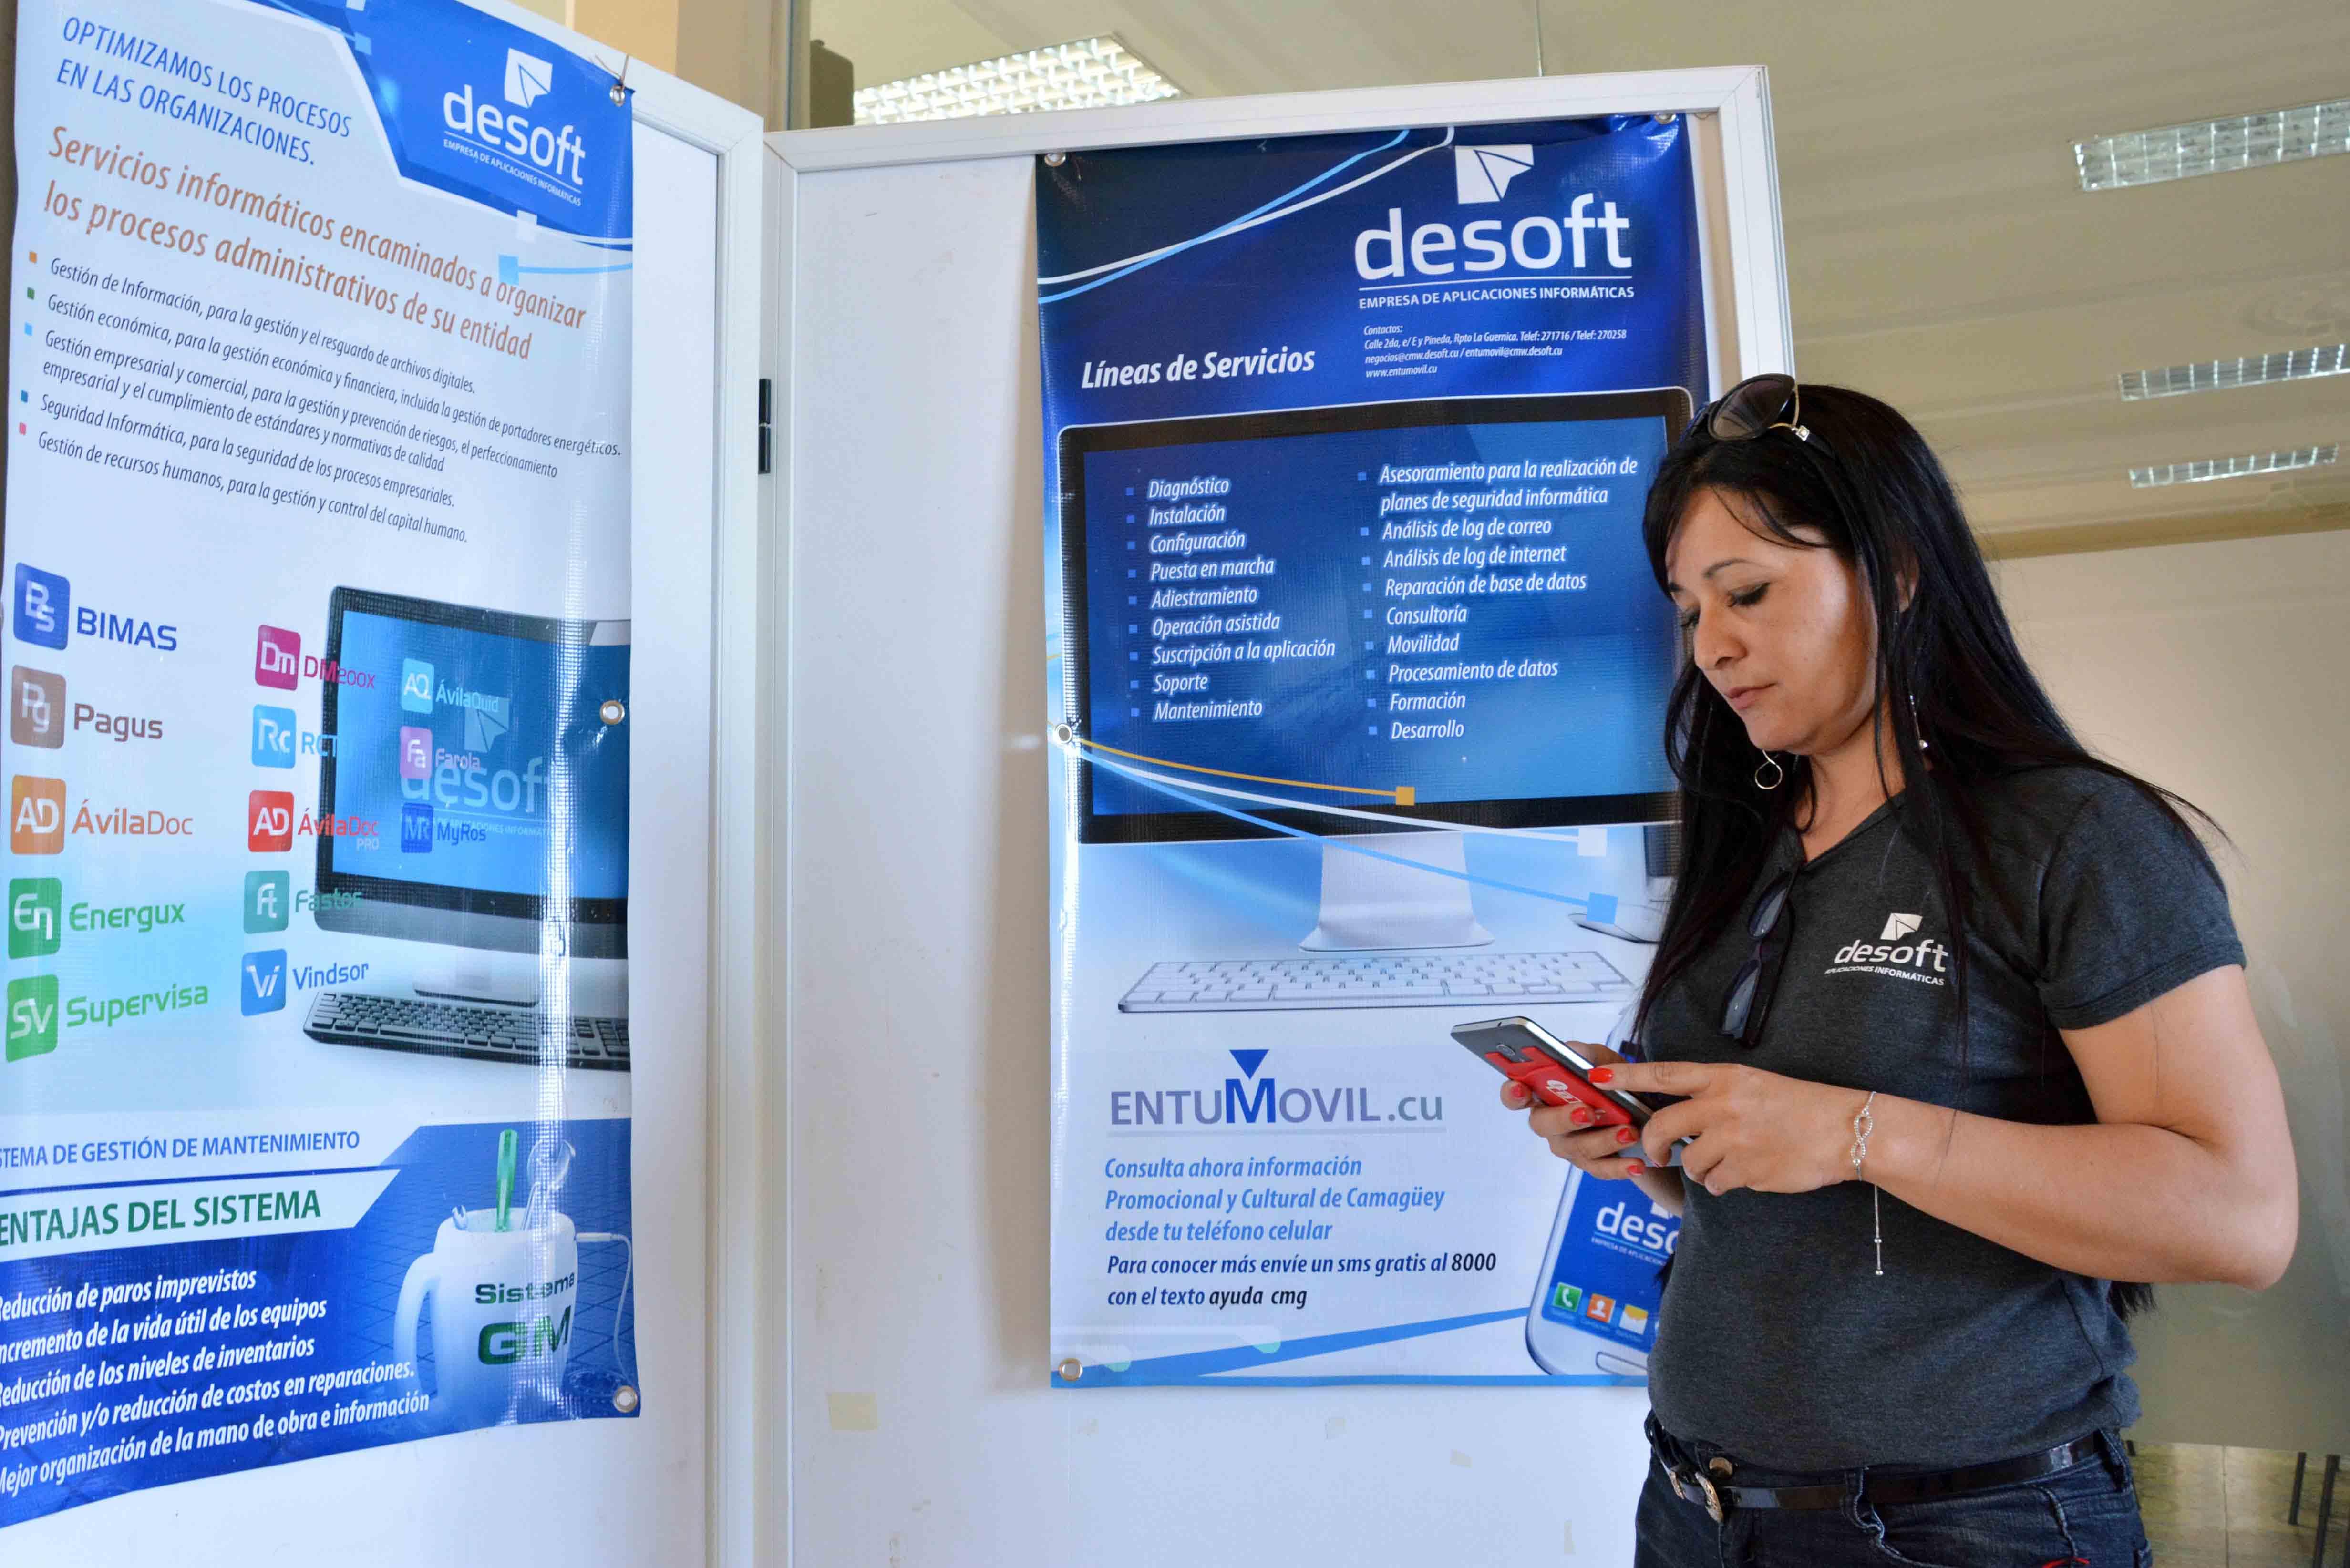 Debaten en Camagüey sobre modernas tecnologías para la gestión empresarial